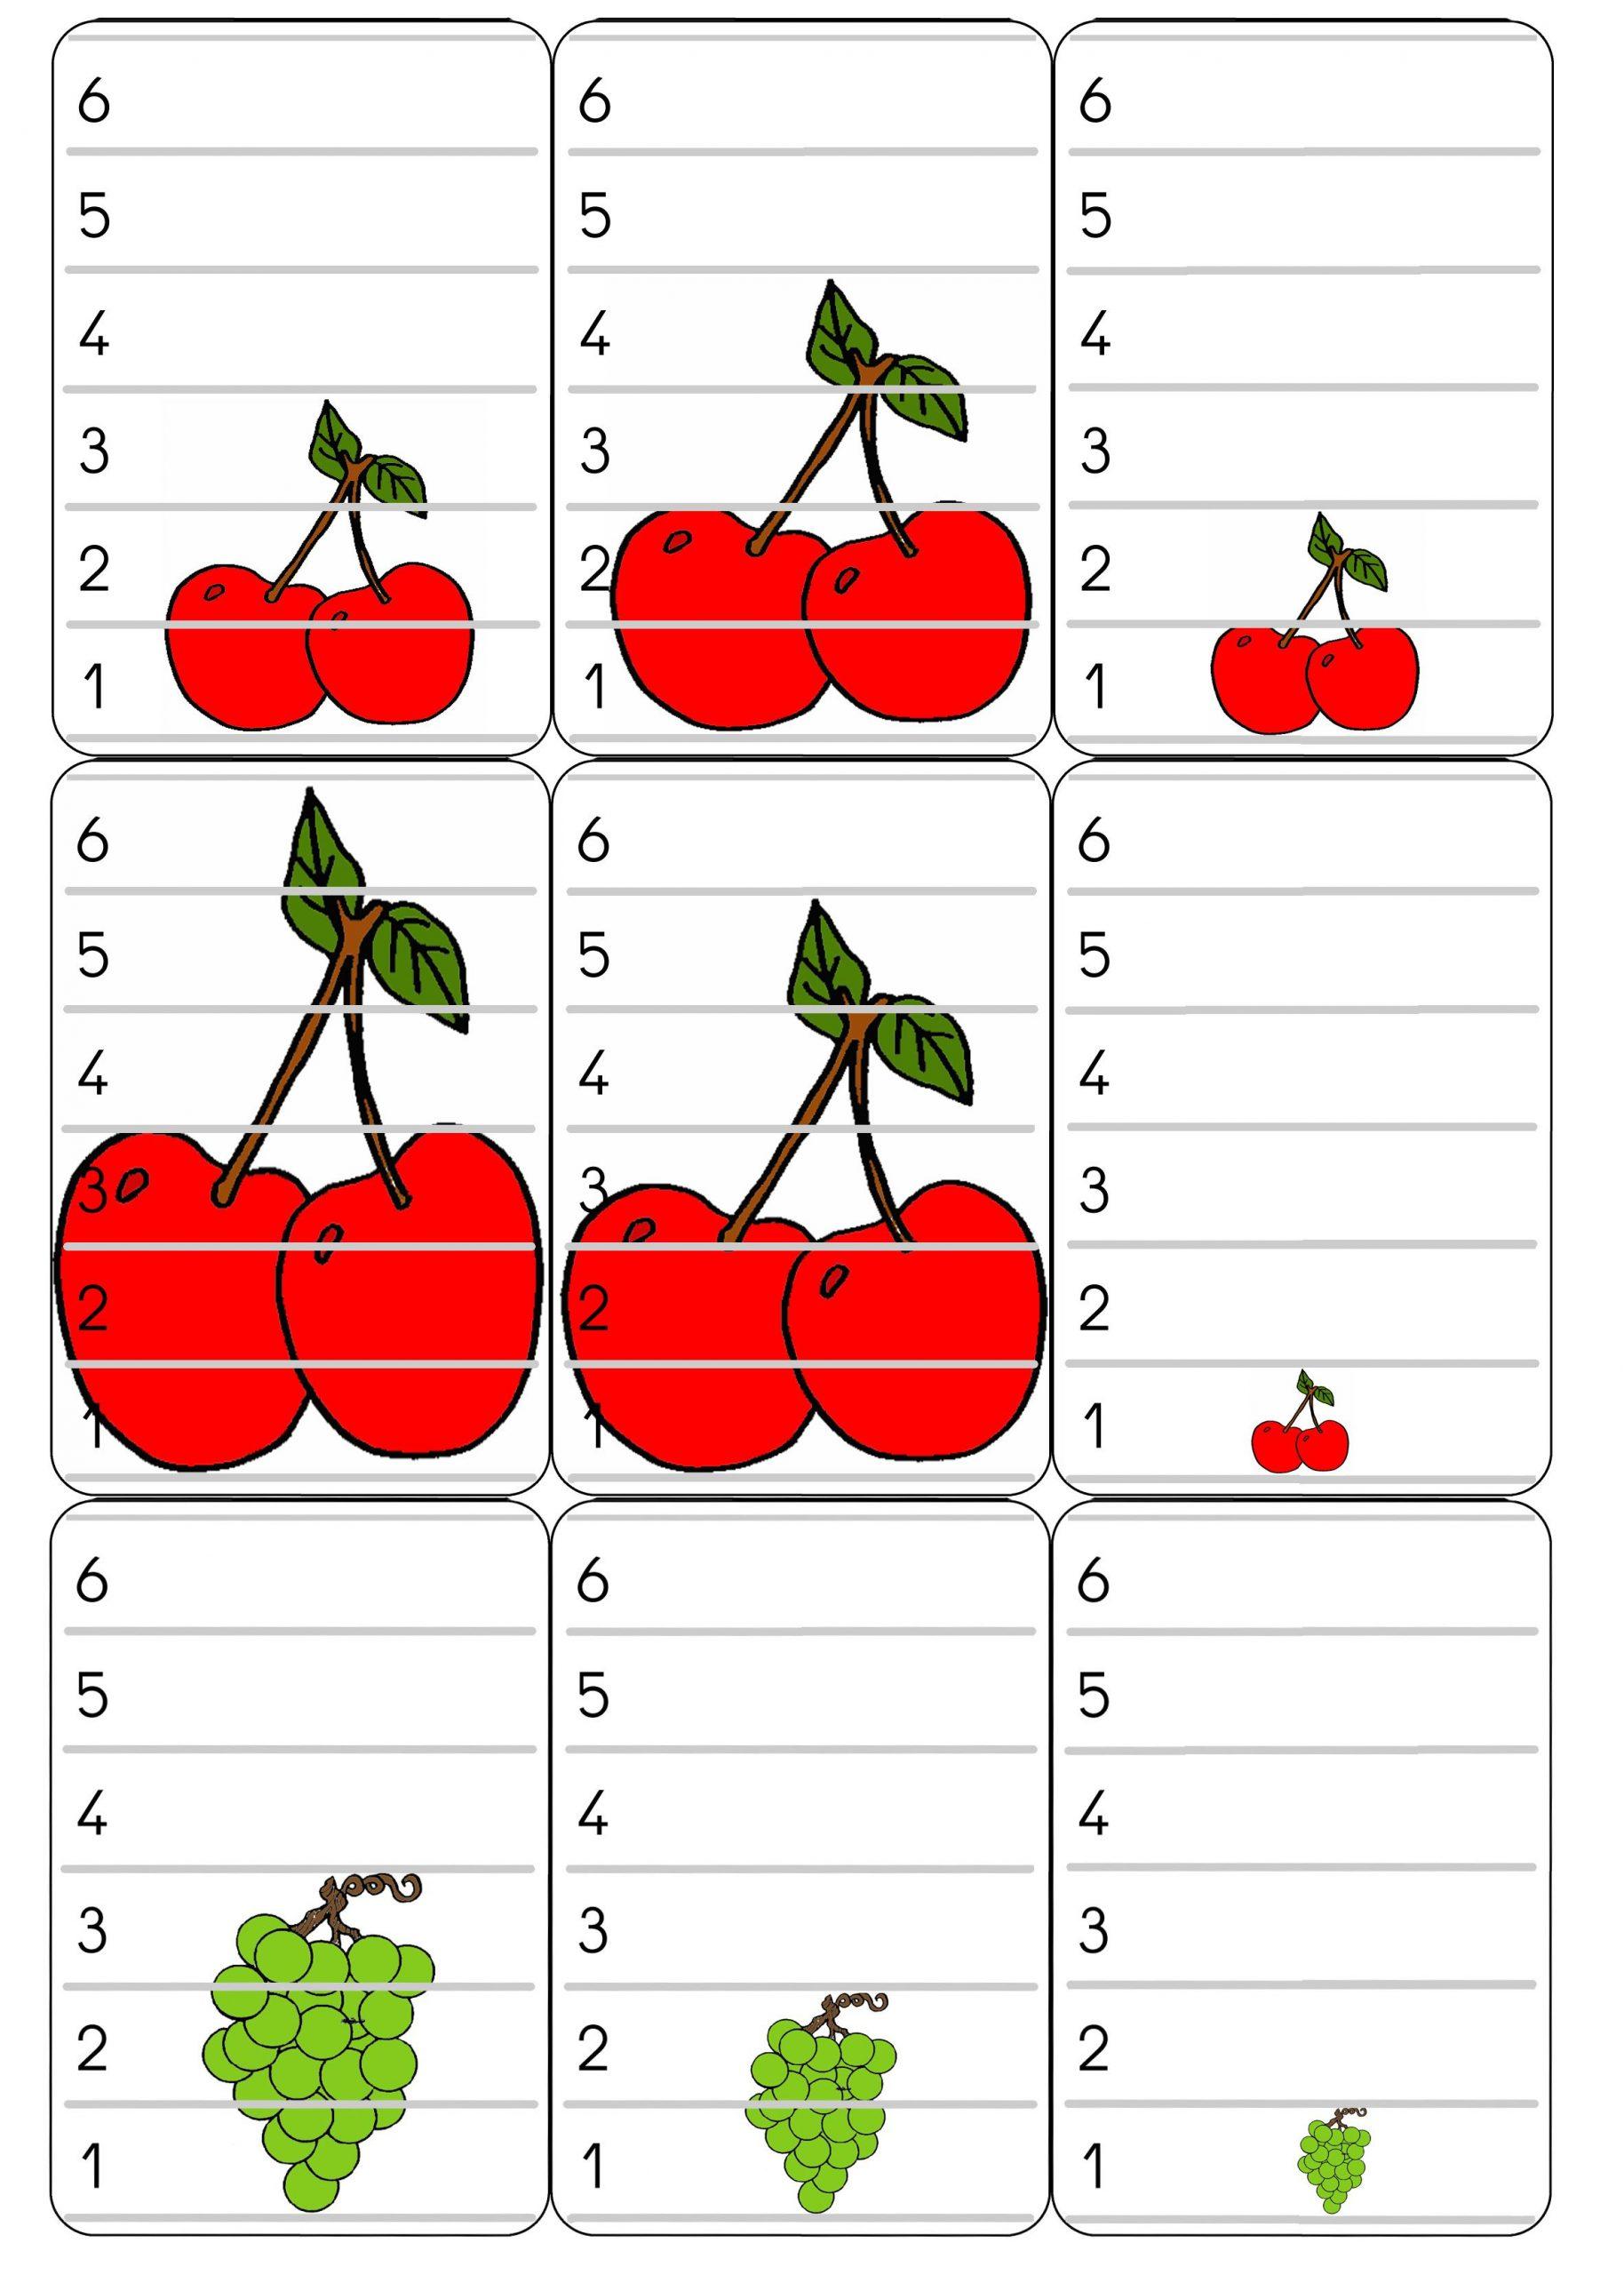 Bataille De Fruits | Jeu Bataille, Les Fleurs En Maternelle tout Jeux Pedagogique Maternelle